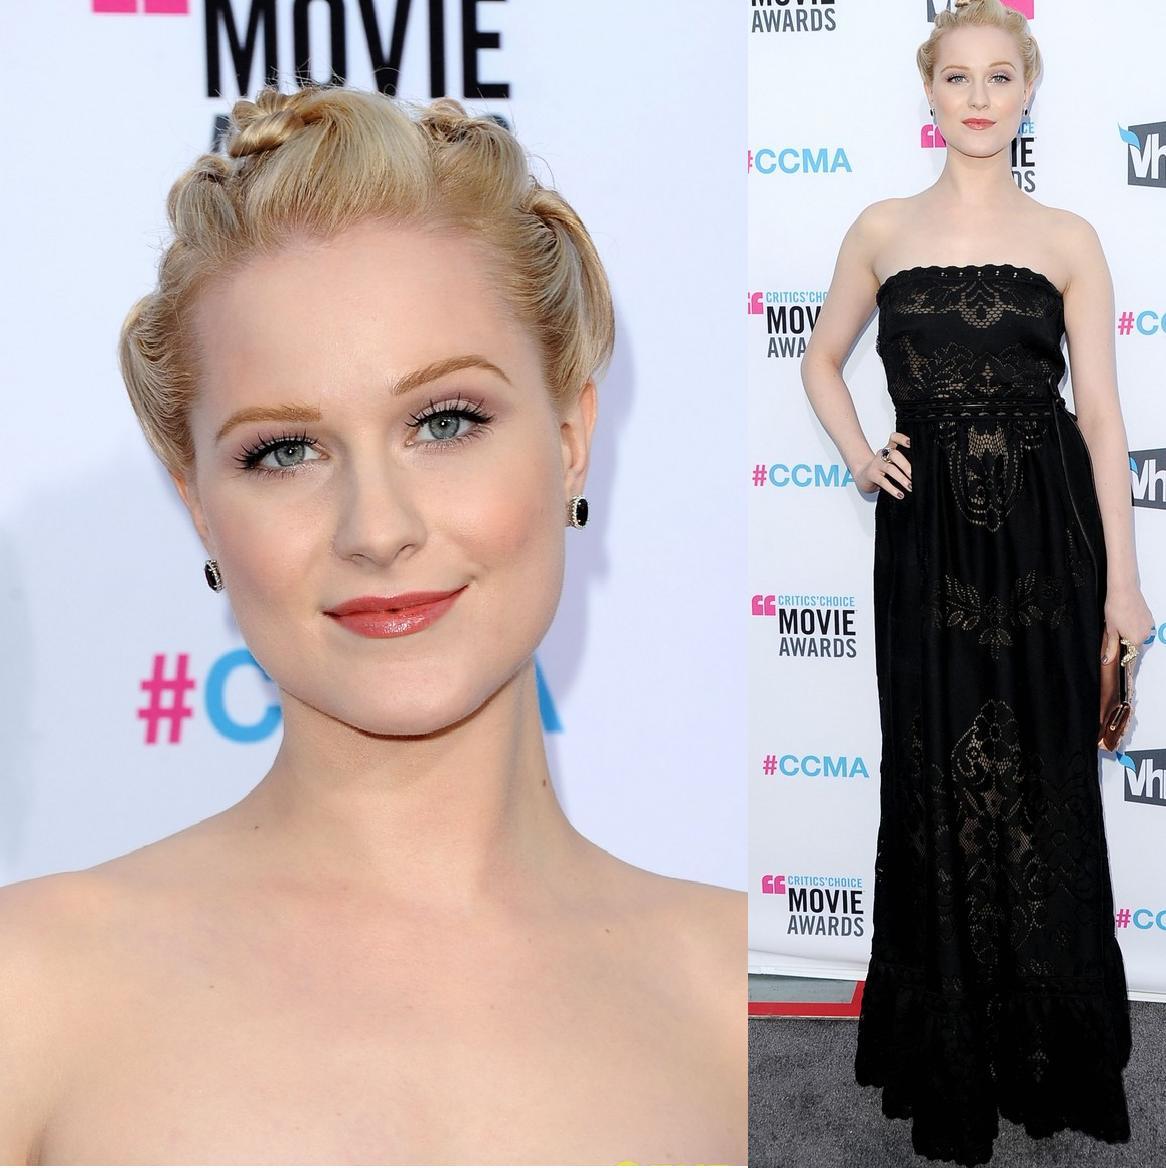 http://1.bp.blogspot.com/-BbsNgwyDjQ8/TxBKQLD78-I/AAAAAAAAEHI/Cc7kYq1TOI8/s1600/Evan+Rachel+Wood+In+Valentino+Spring+2012+-+2012+Critics%2527+Choice+Movie+Awards.jpg